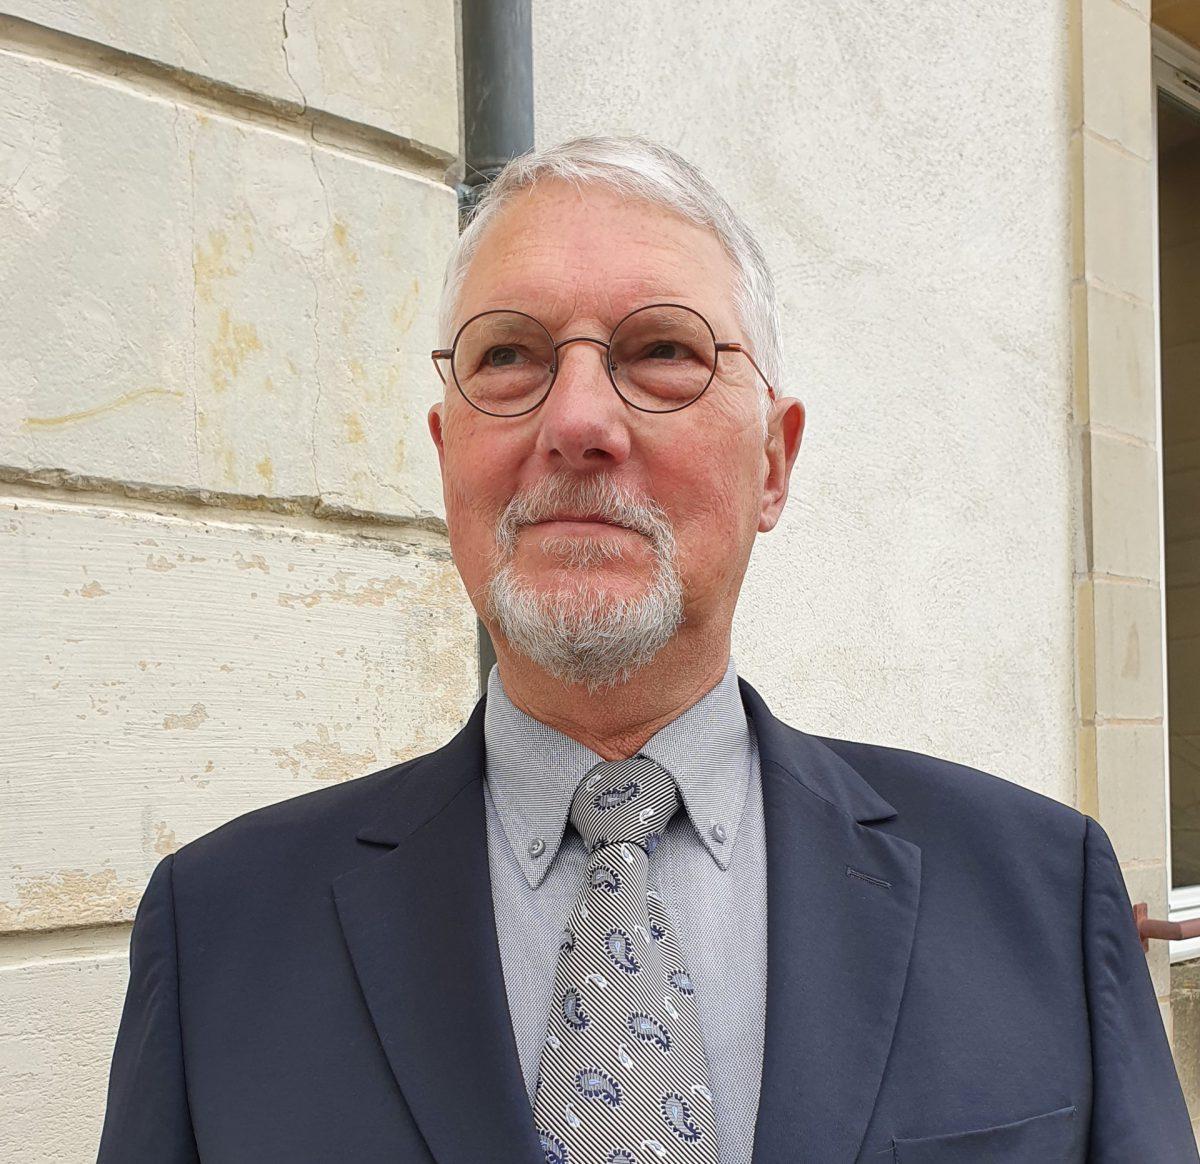 Philippe Delaeter